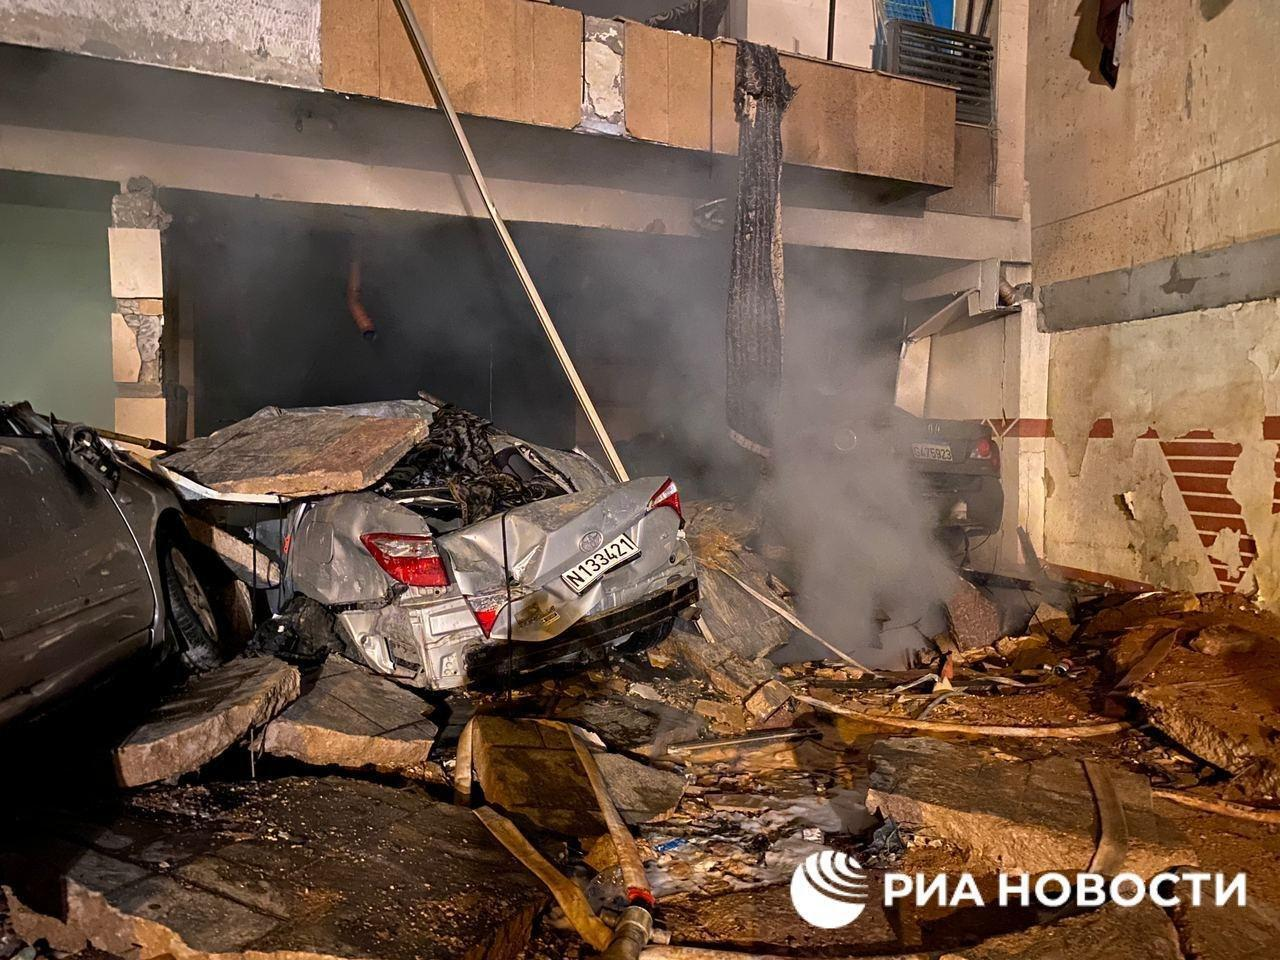 У підвалі пекарні вибухнула ємність із пальним.